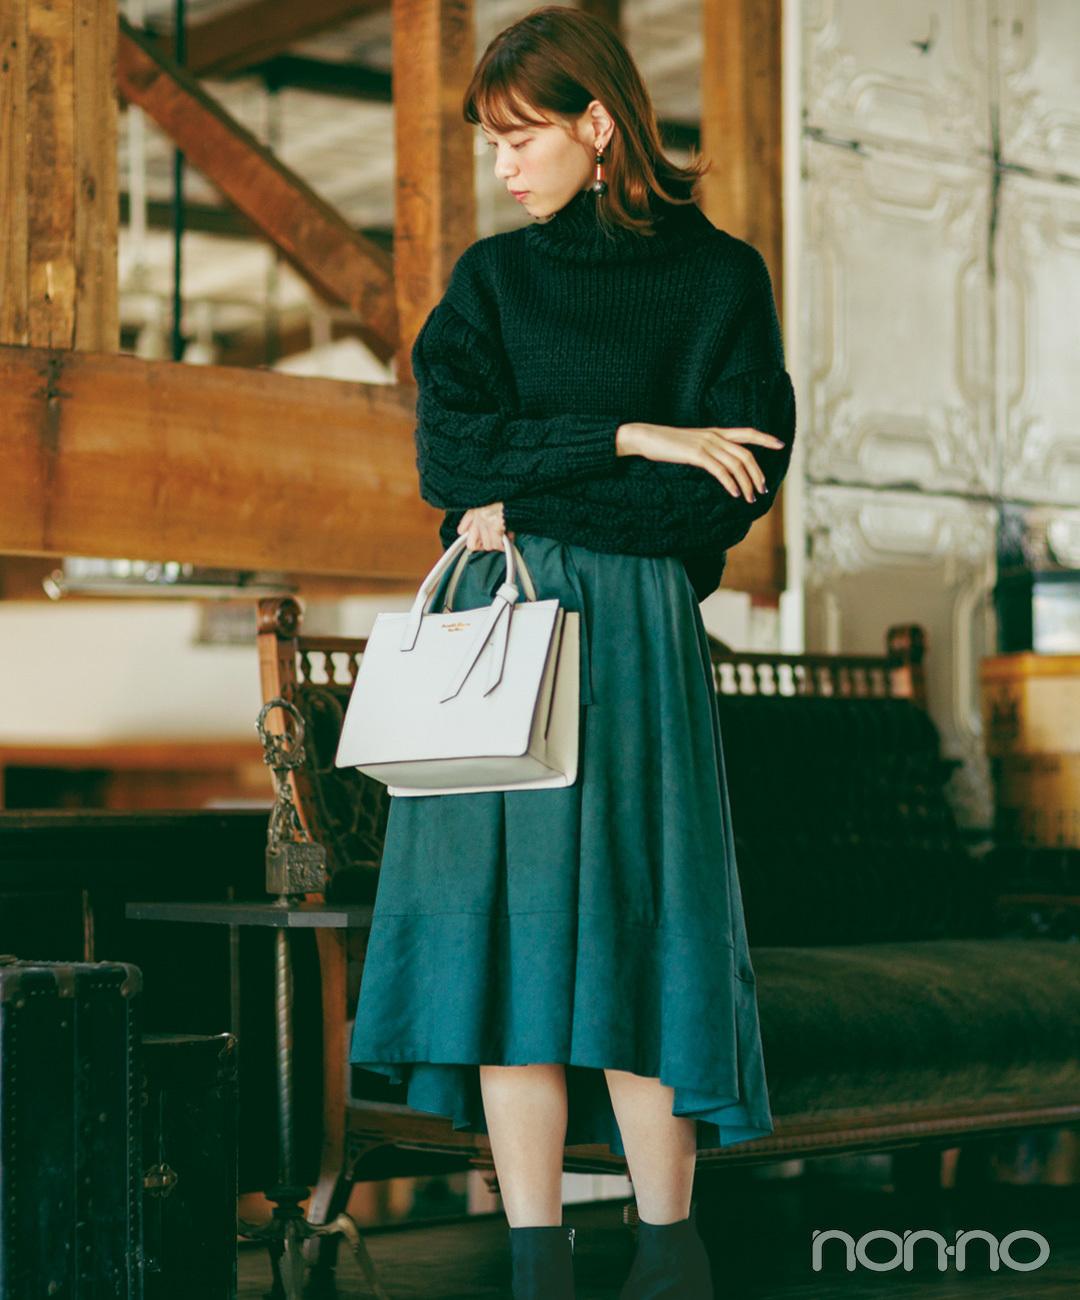 【フレアスカートコーデ3】黒ニット×フレアスカート